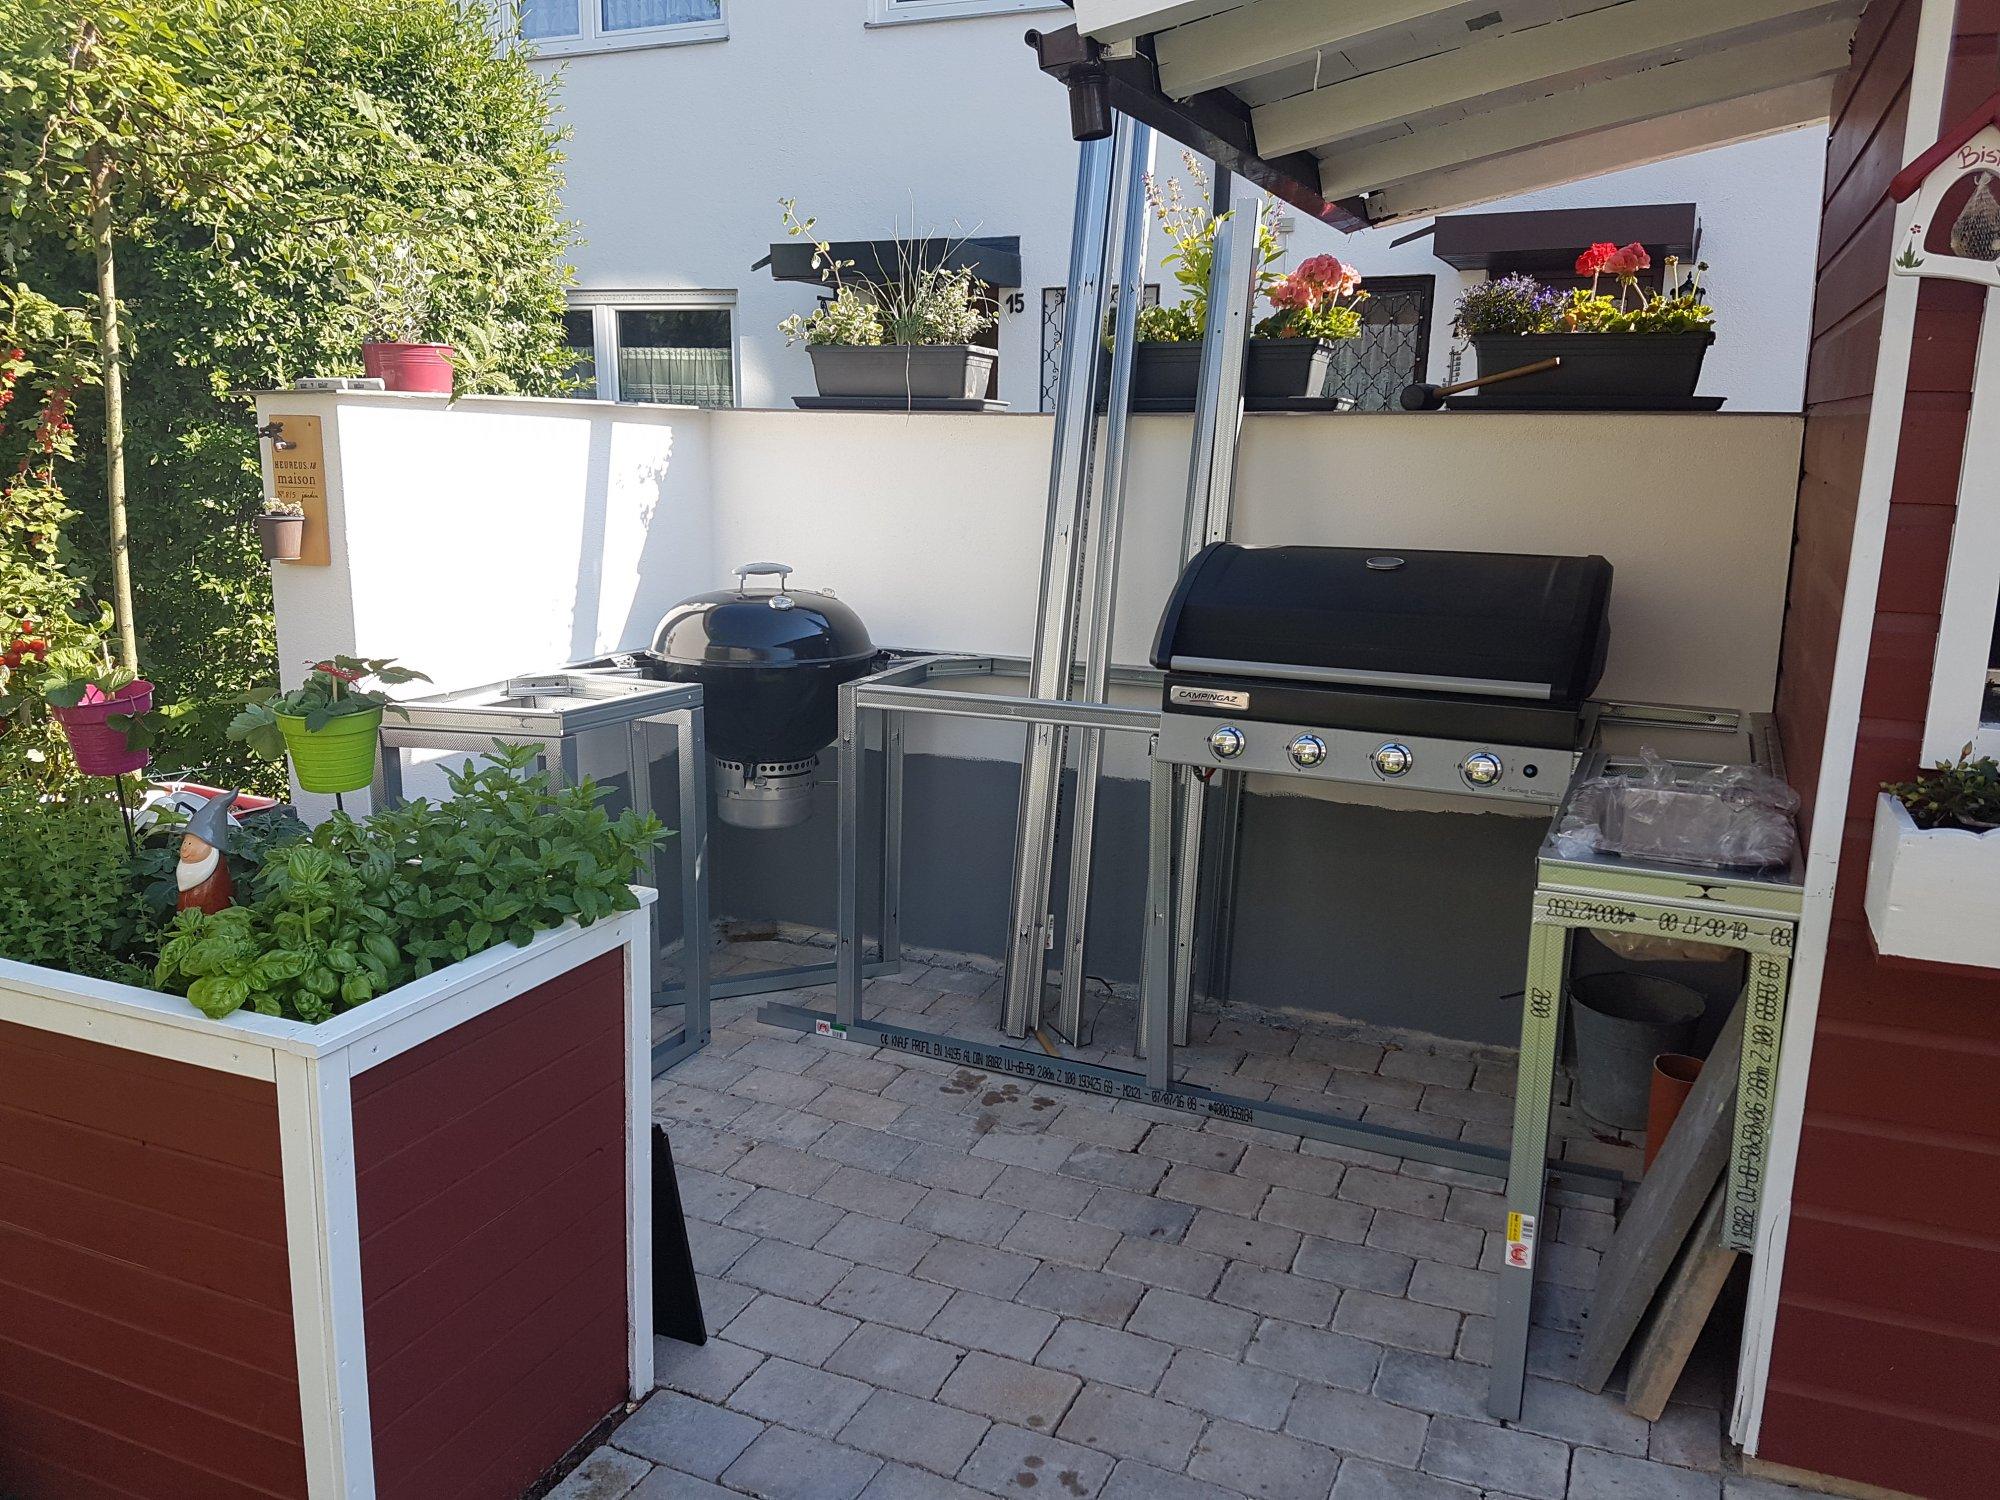 Außenküche Selber Bauen Unterkonstruktion : Außenküche selbst